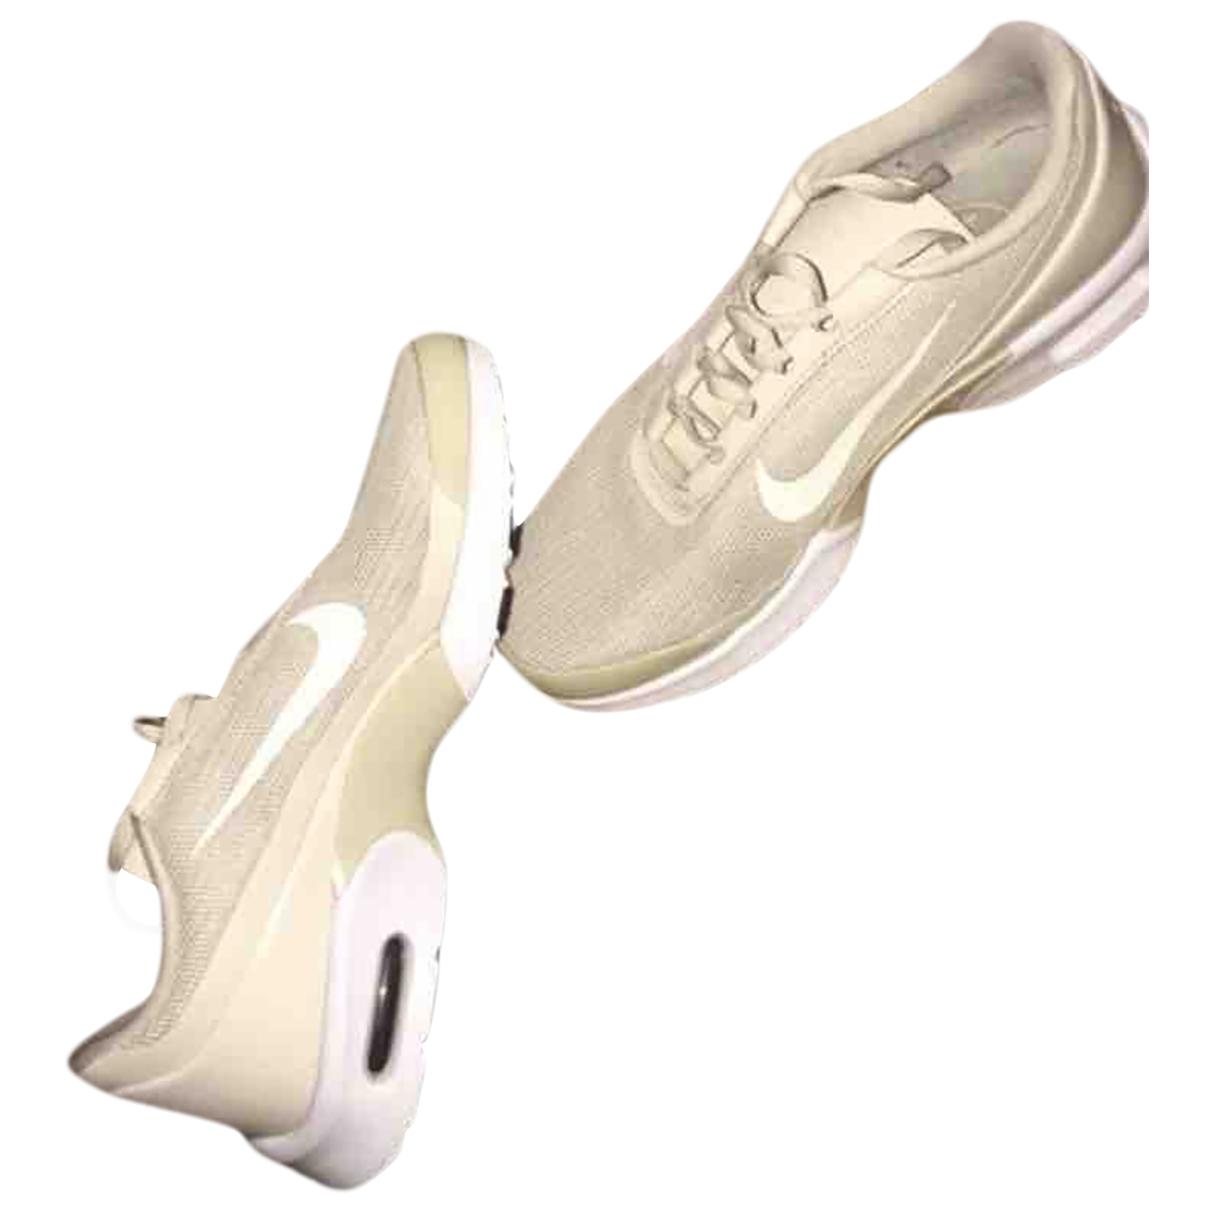 Nike - Baskets Air Max Plus  pour femme en caoutchouc - beige